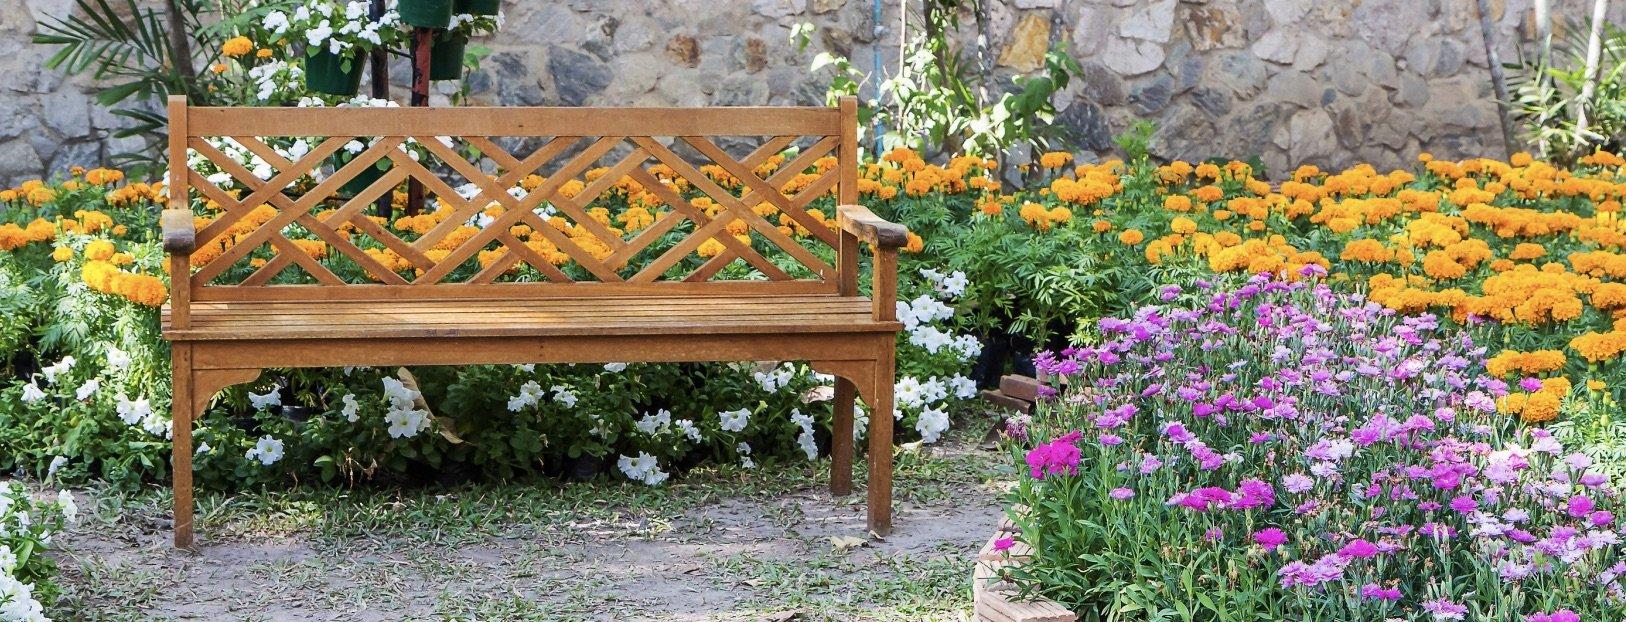 contemplation garden design